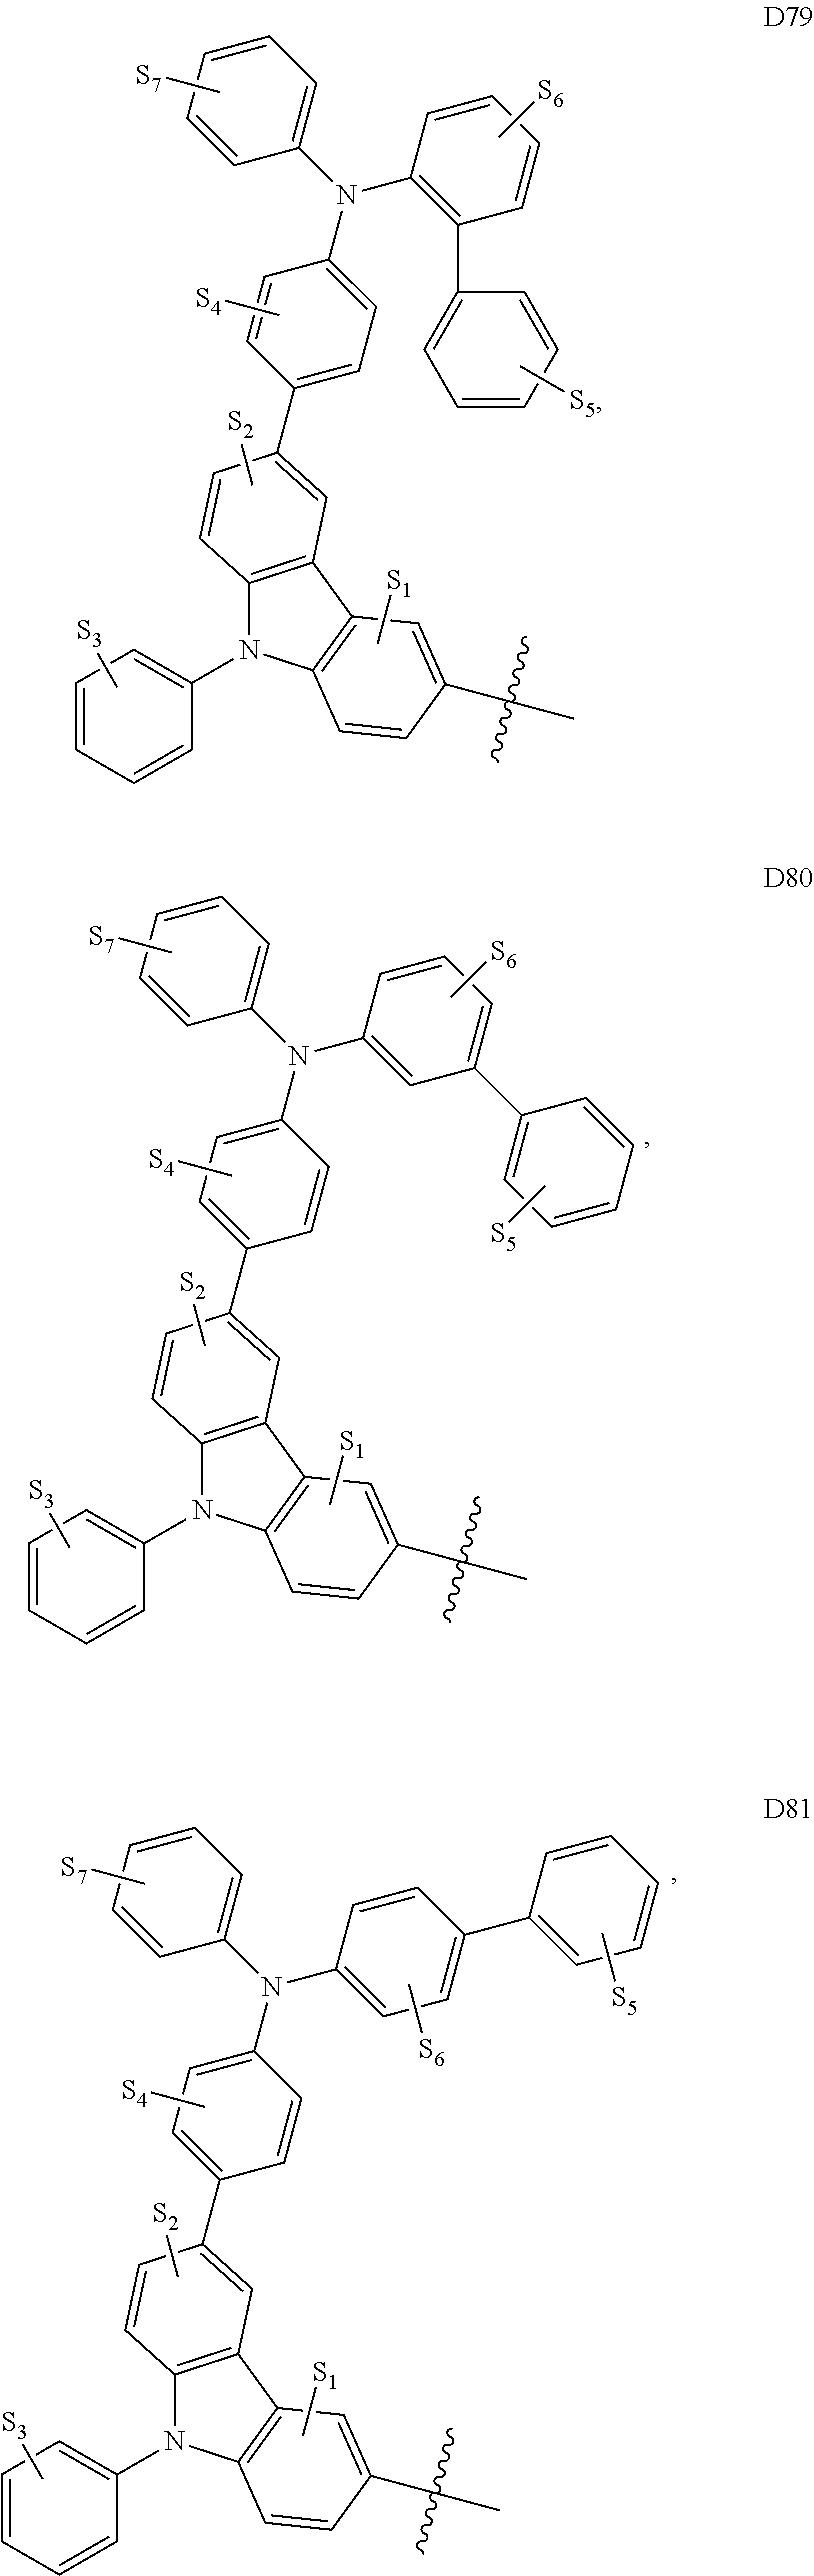 Figure US09537106-20170103-C00033